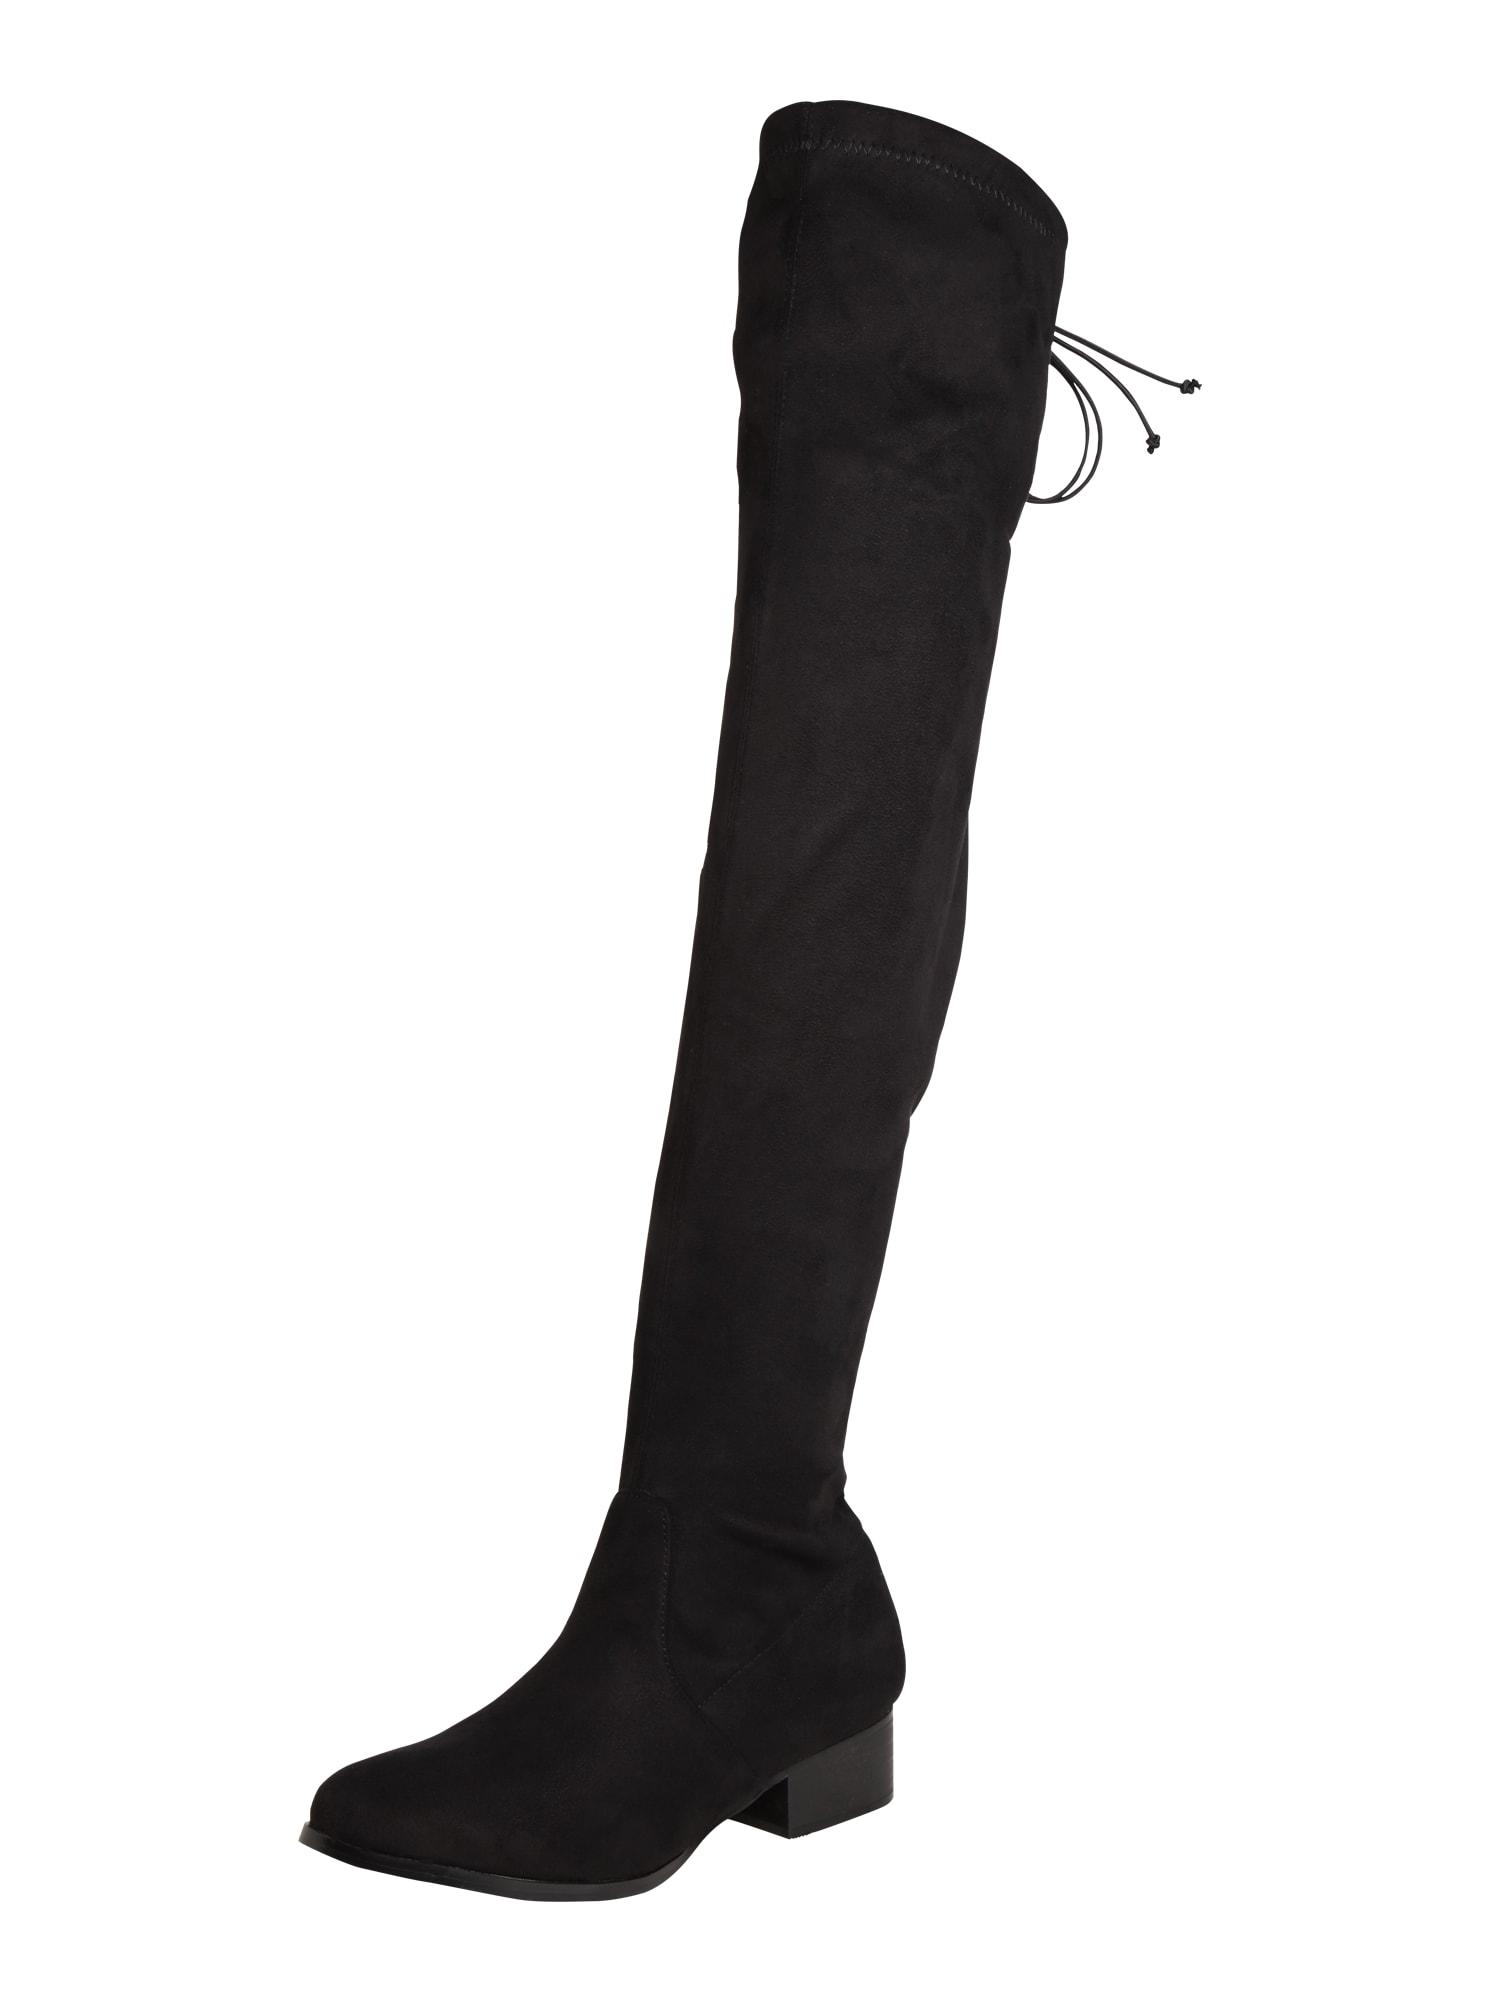 4th & Reckless, Dames Overknee laarzen 'MICHELLE', zwart